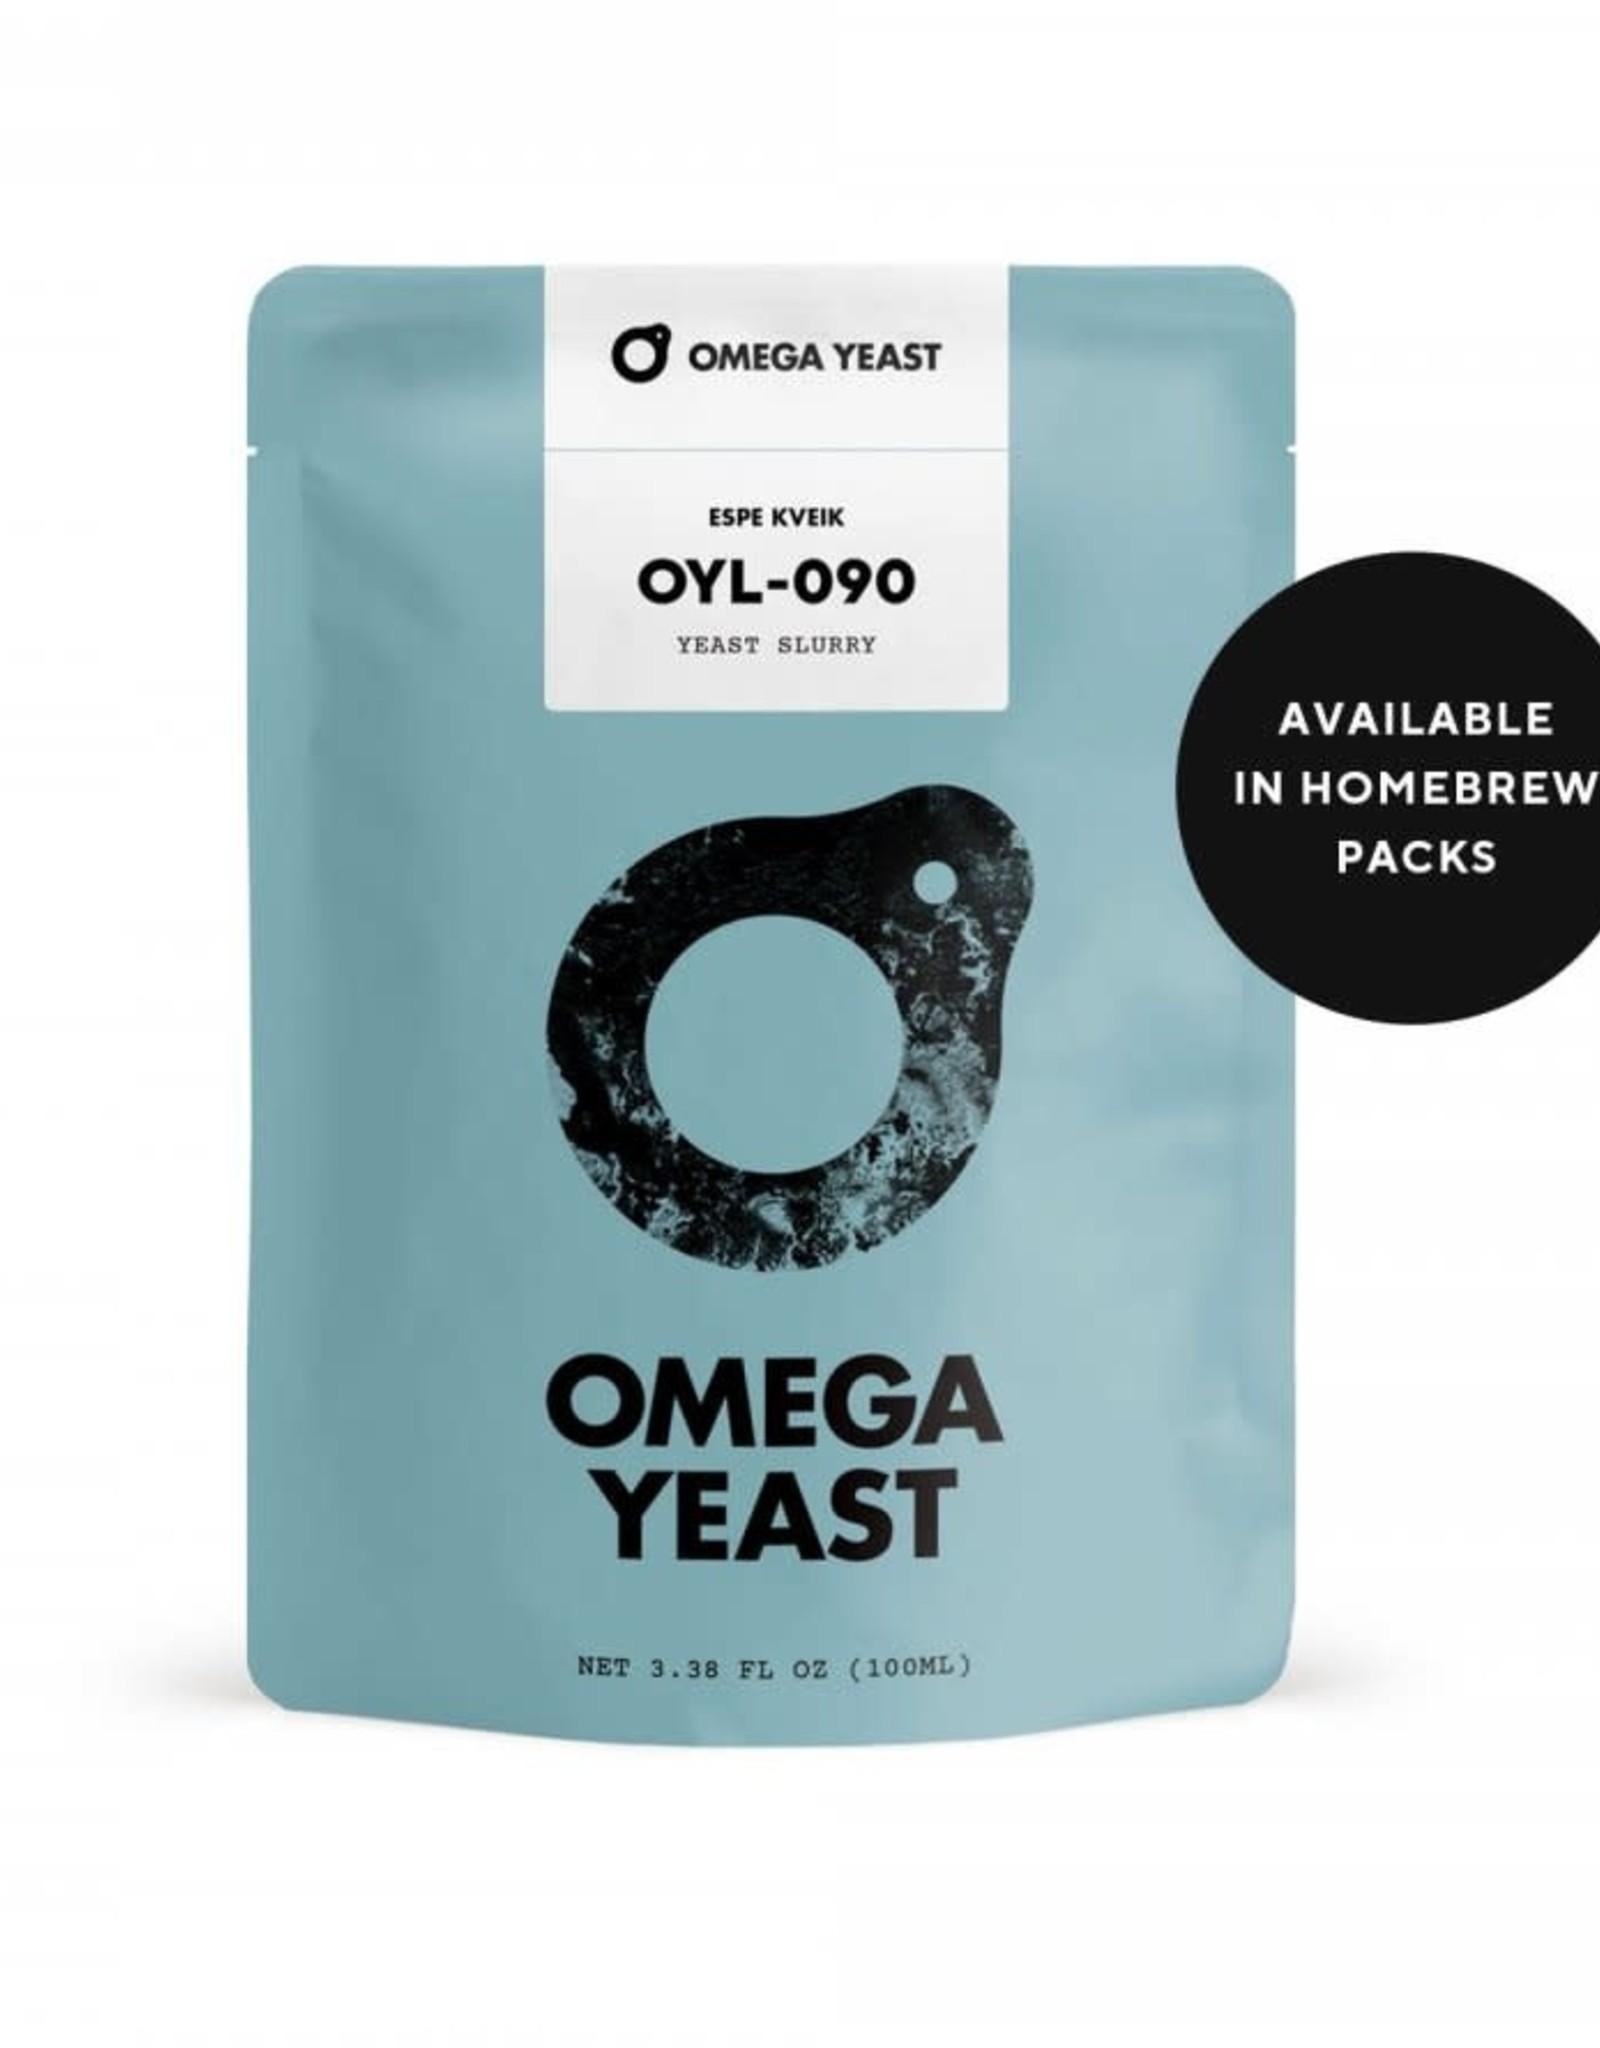 Omega Yeast OYL-090 ESPE Kveik